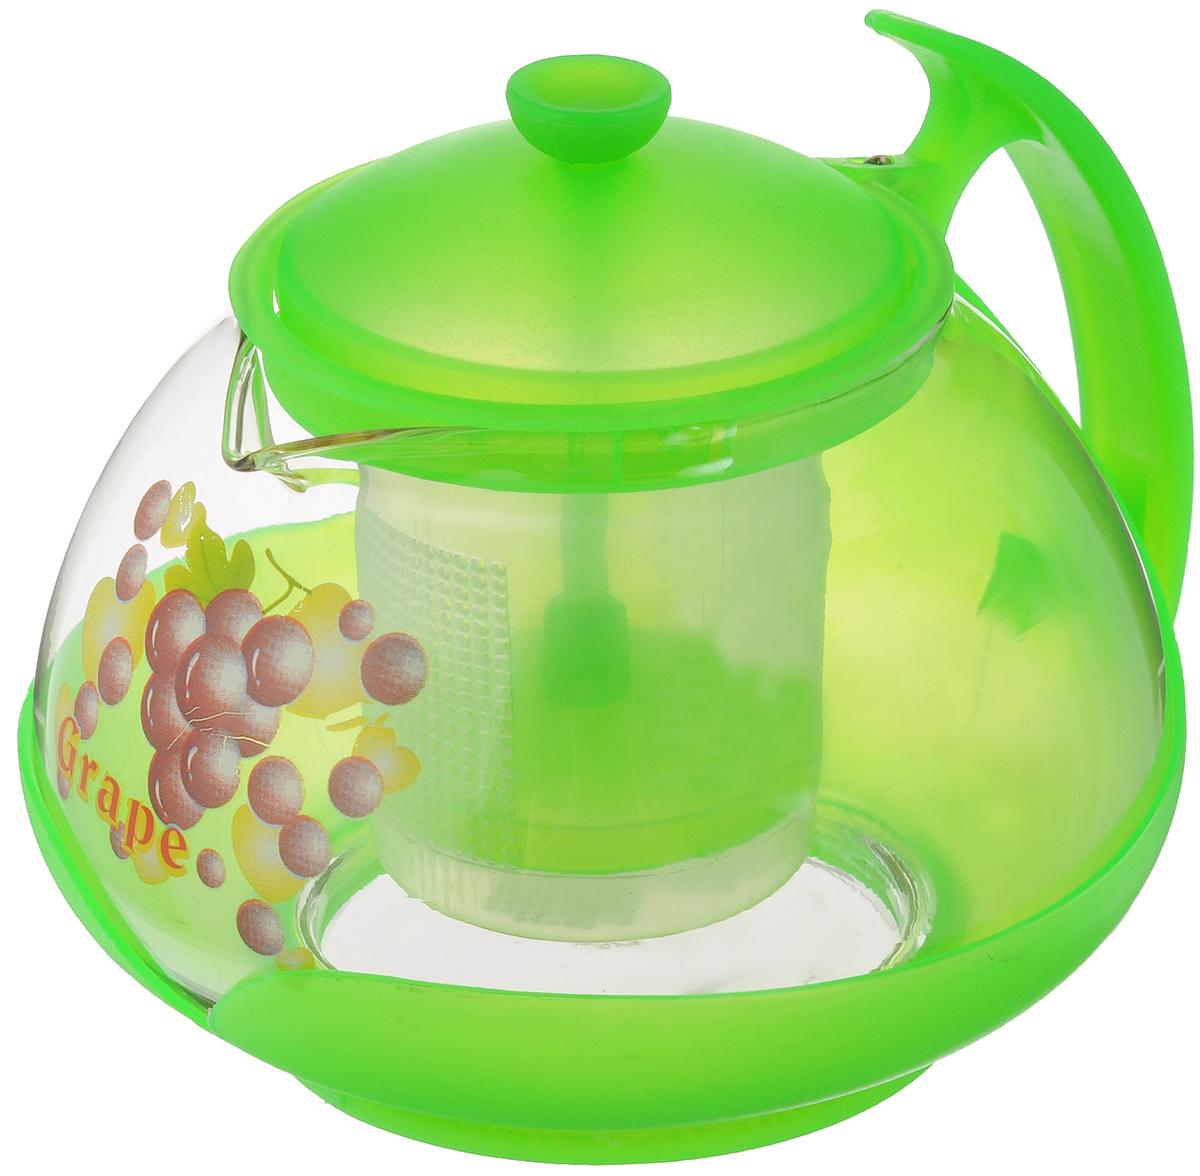 Чайник заварочный Mayer & Boch, с фильтром, цвет: прозрачный, салатовый, 700 мл. 2022115510Заварочный чайник Mayer & Boch изготовлен из жаропрочного стекла и полипропилена. Изделие оснащено сетчатым фильтром из пищевого полипропилена (пластика), который задерживает чаинки и предотвращает их попадание в чашку, а прозрачные стенки дадут возможность наблюдать за насыщением напитка.Чай в таком чайнике дольше остается горячим, а полезные и ароматические вещества полностью сохраняются в напитке. Диаметр чайника (по верхнему краю): 8 см.Высота чайника (без учета крышки): 9,5 см.Высота фильтра: 6,5 см.